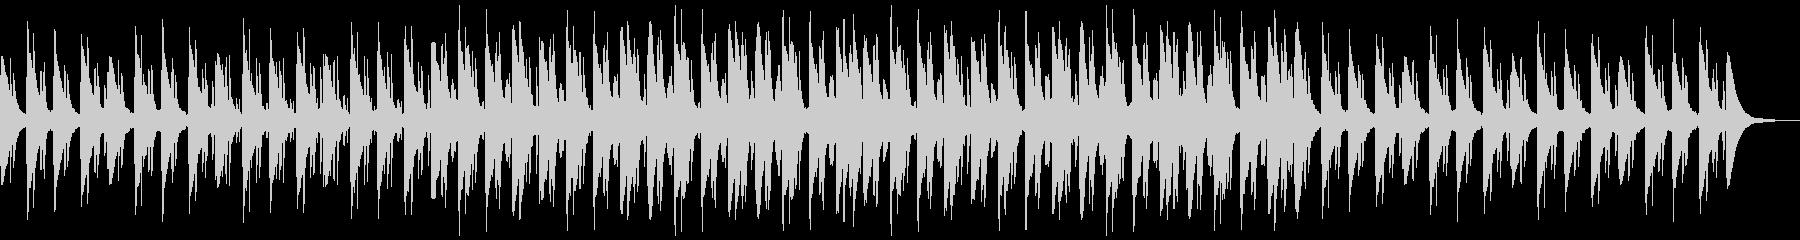 チャイナシティ感のあるシンセサイザー曲の未再生の波形